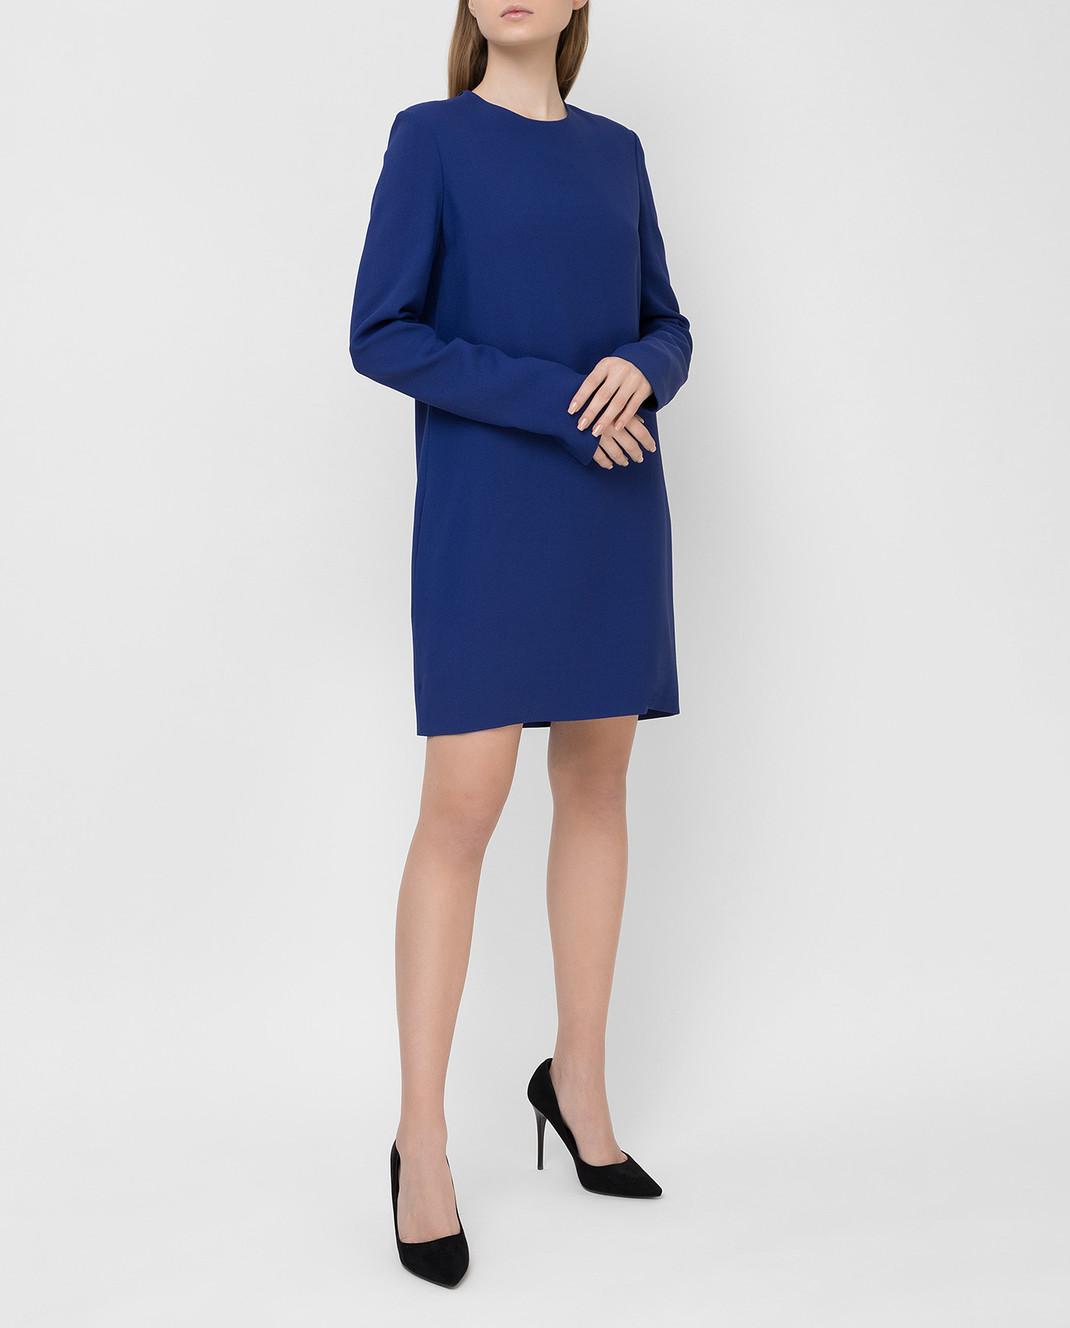 Victoria Beckham Синее платье 517 изображение 2